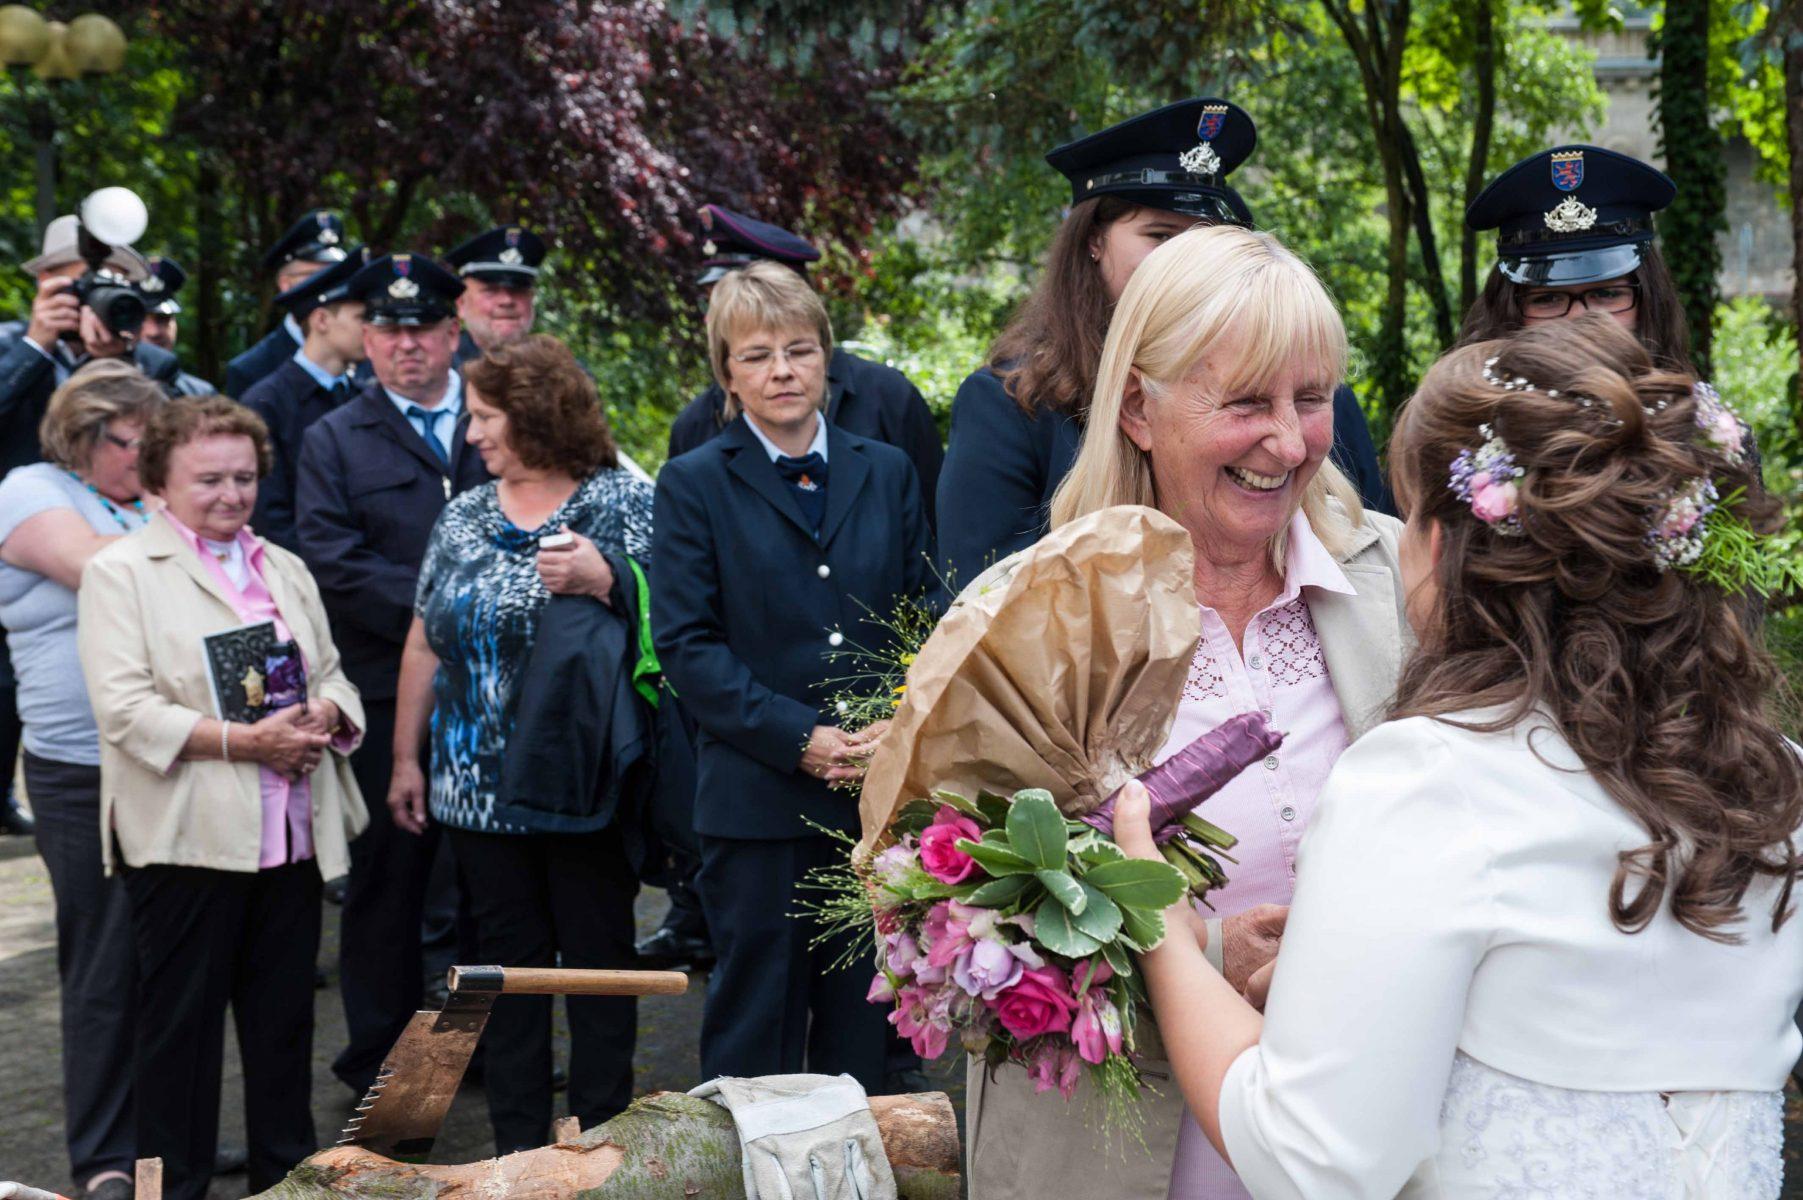 Hochzeit Gratulation B2000 225608 1803x1200 - GRATULATION & EMOTION